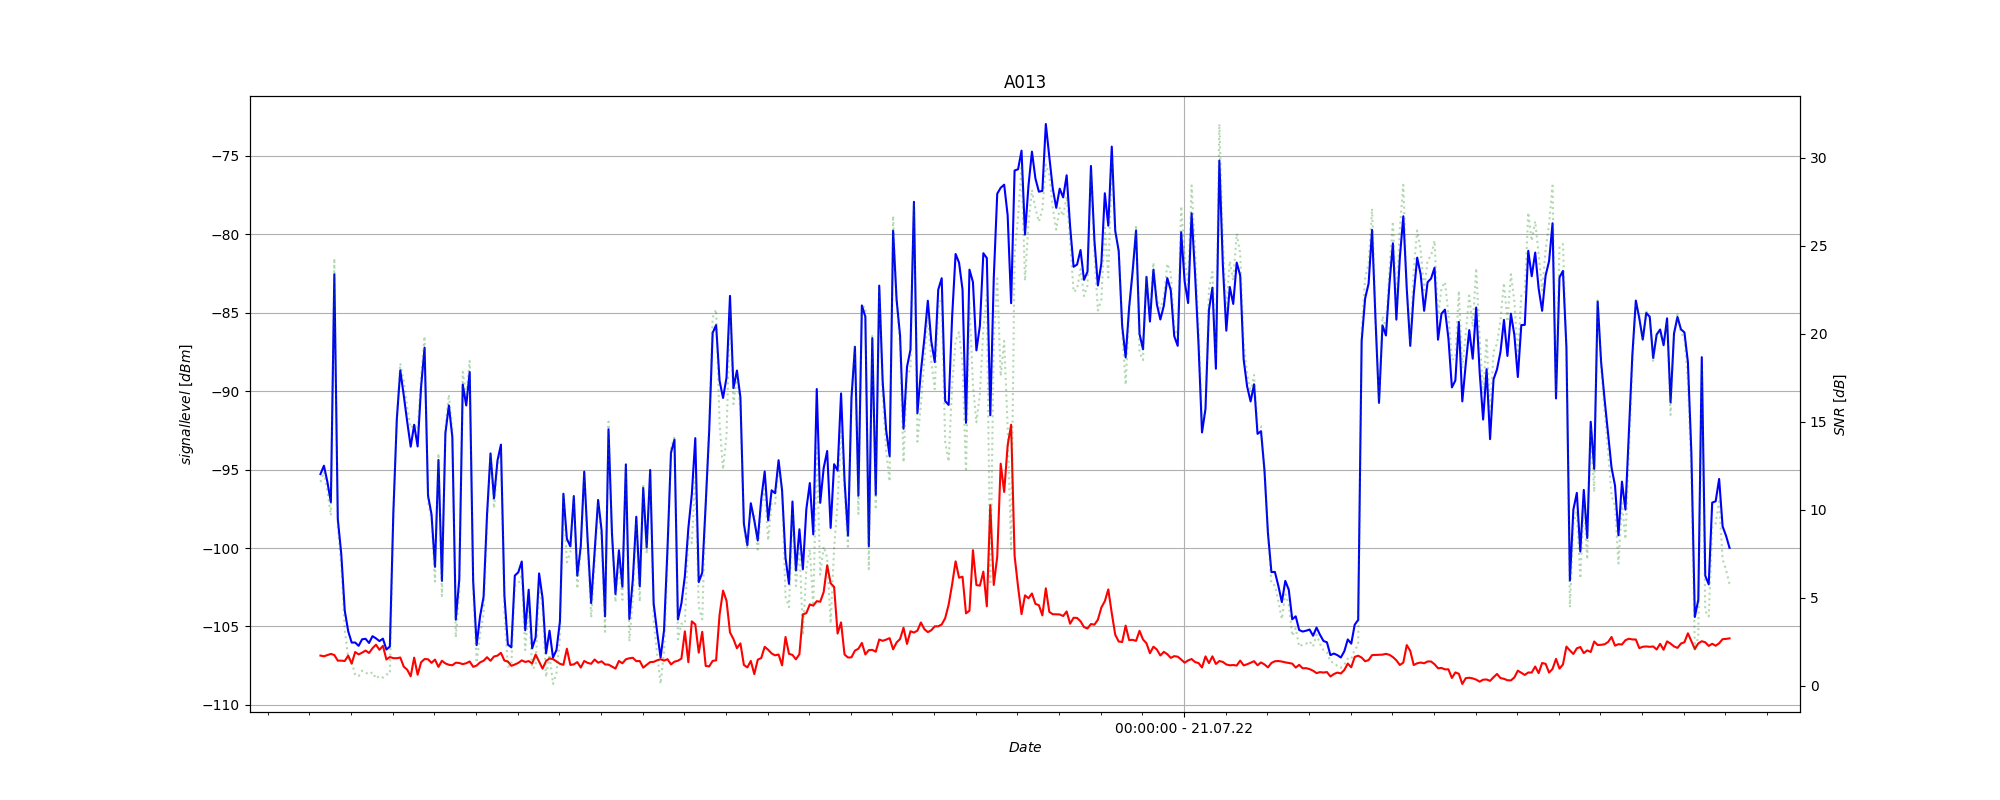 Aktuelle Daten der letzten 36 Stunden unseres Empfängers in Näfels (Zeiten in UTC).